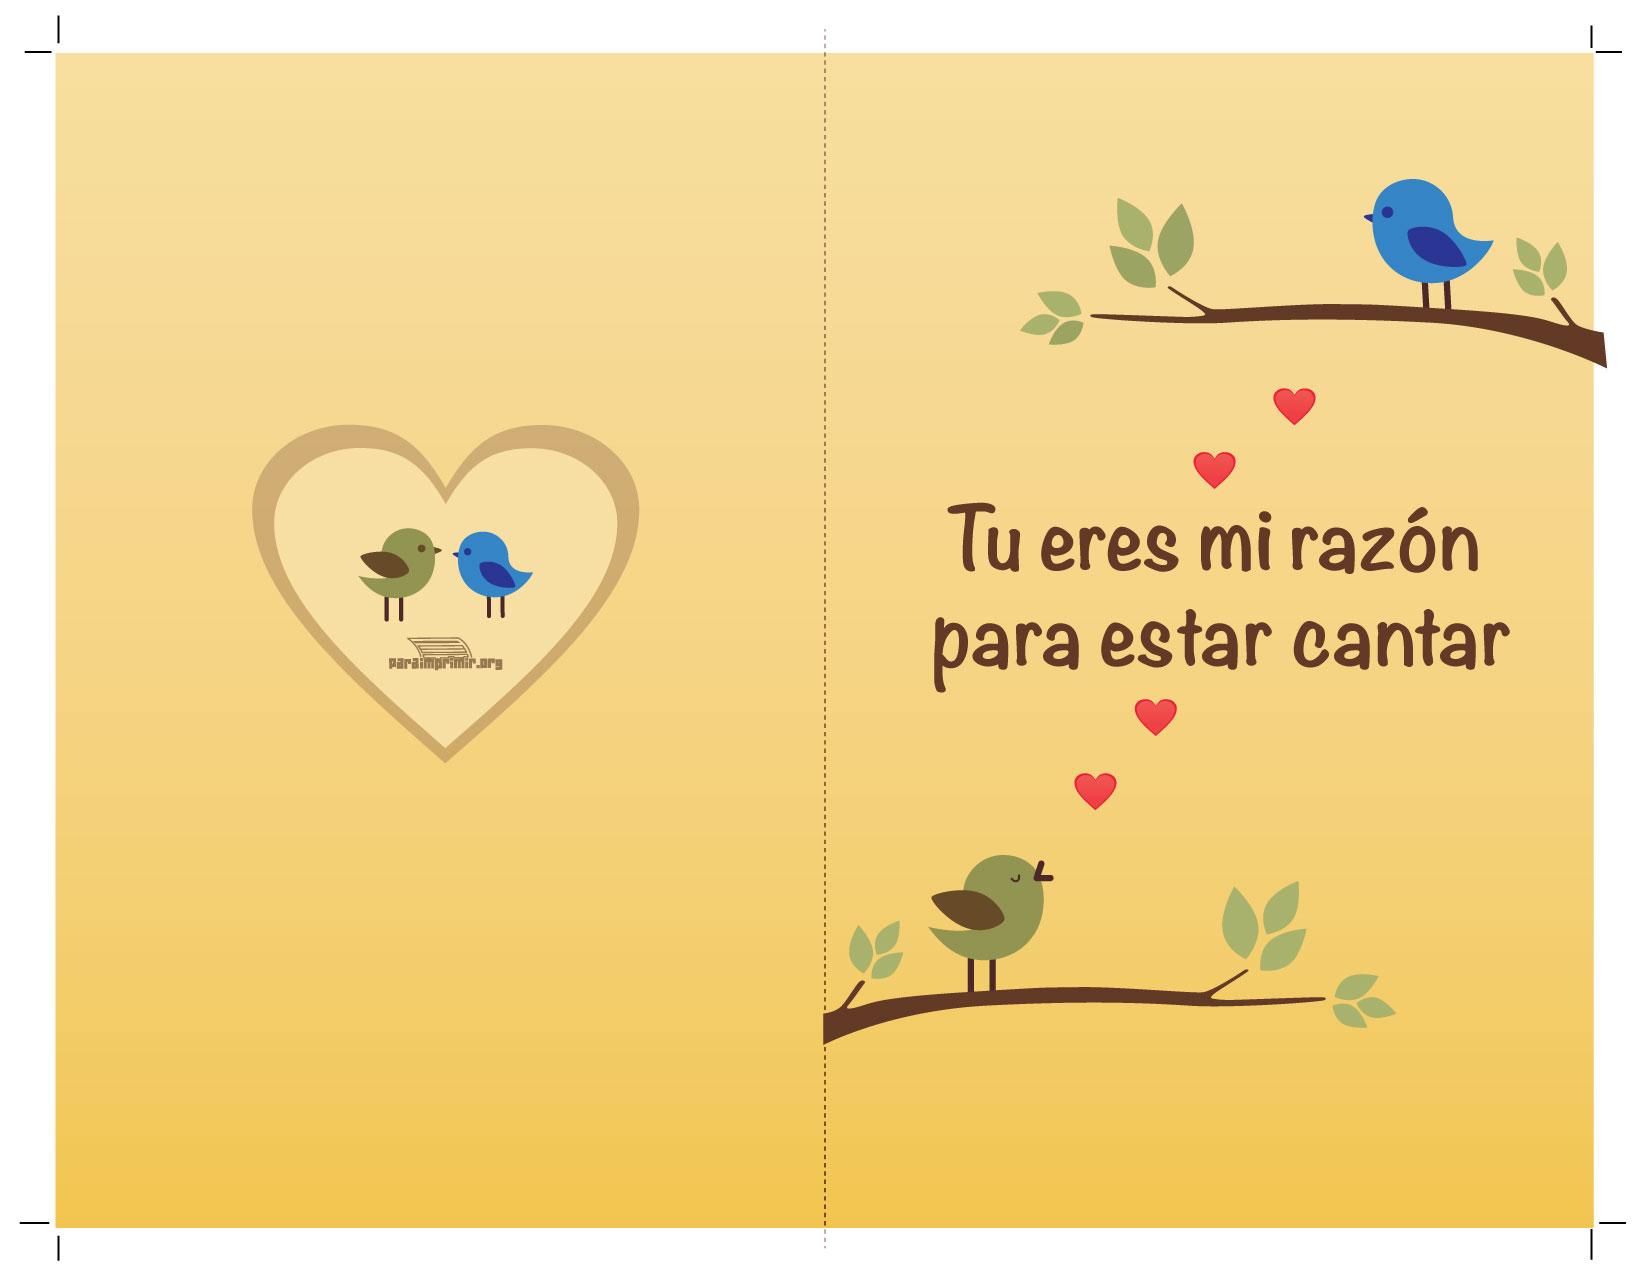 Top tarjetas de aniversario de matrimonio gratis wallpapers - Tarjeta de boda ...